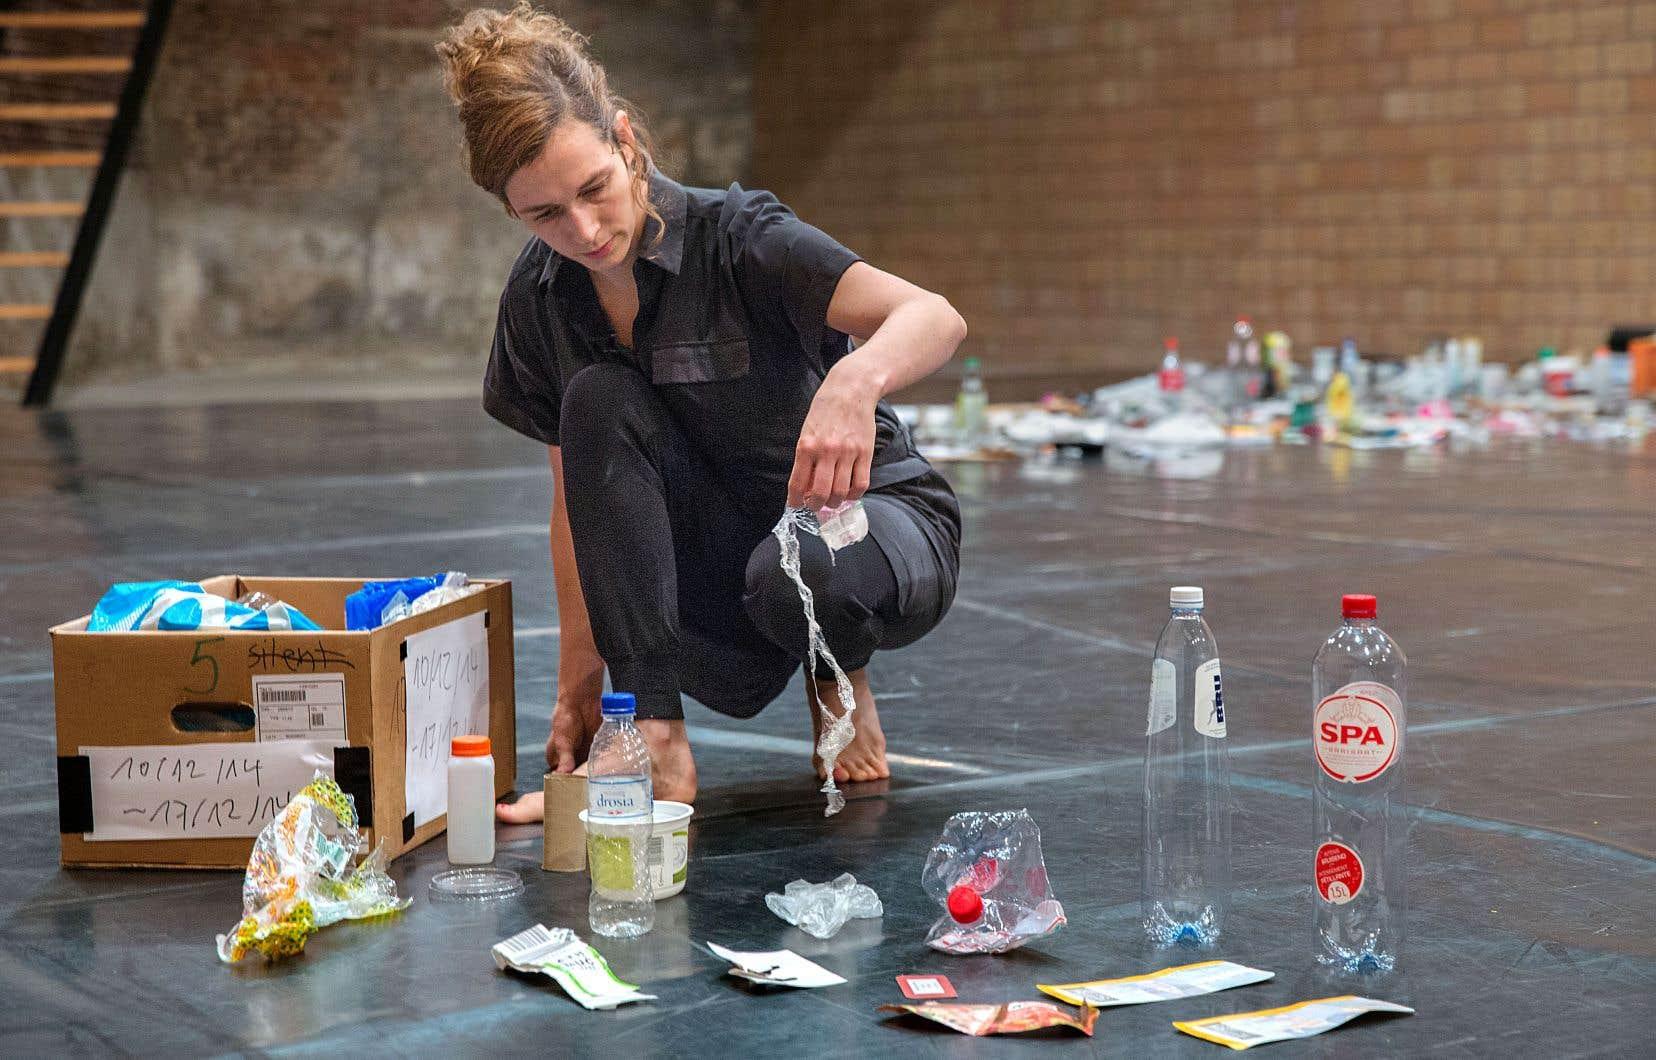 L'artiste belge Sarah Vanhee déballe sur scène l'opposé de ce que l'on considère généralement comme digne de valeur.